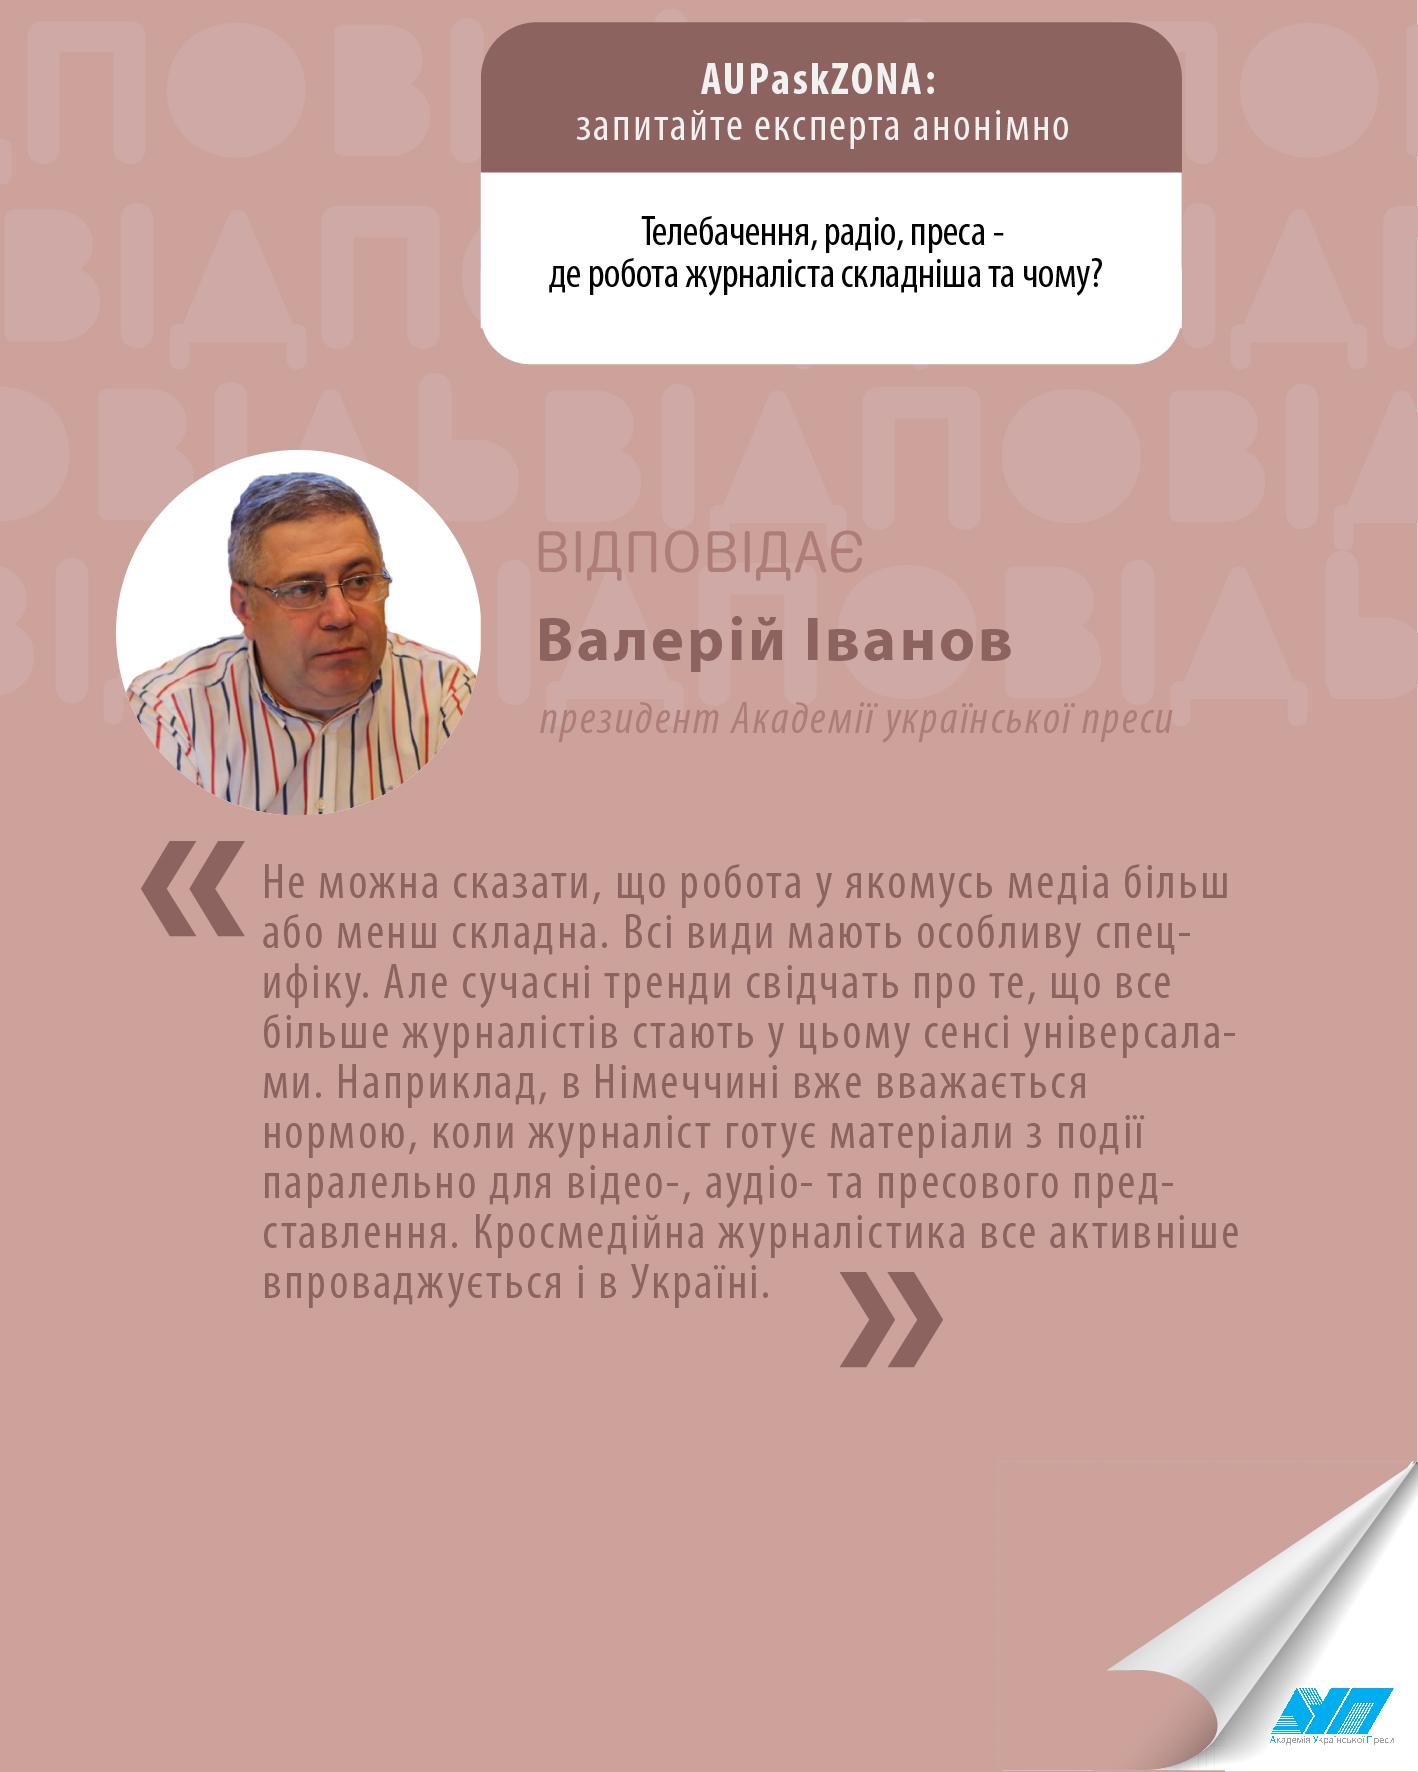 Ask_Zona_IVANOV_VF_7